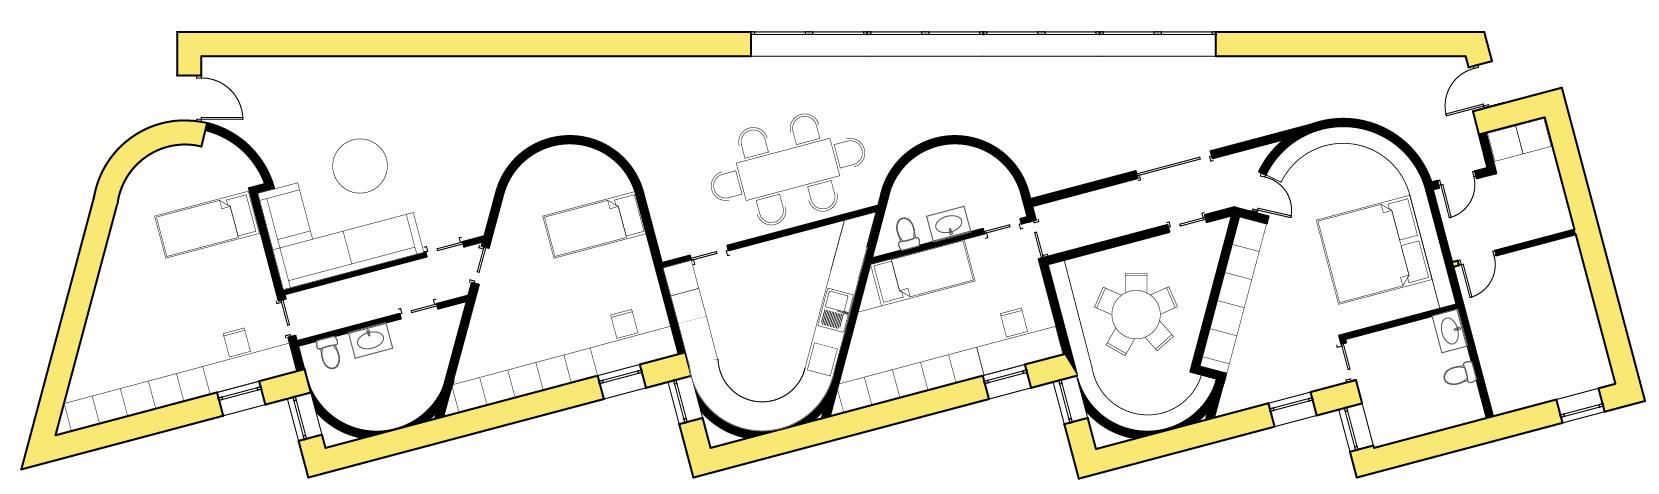 edifici-di-paglia-italia-casa-dalla-forma-naturale-04